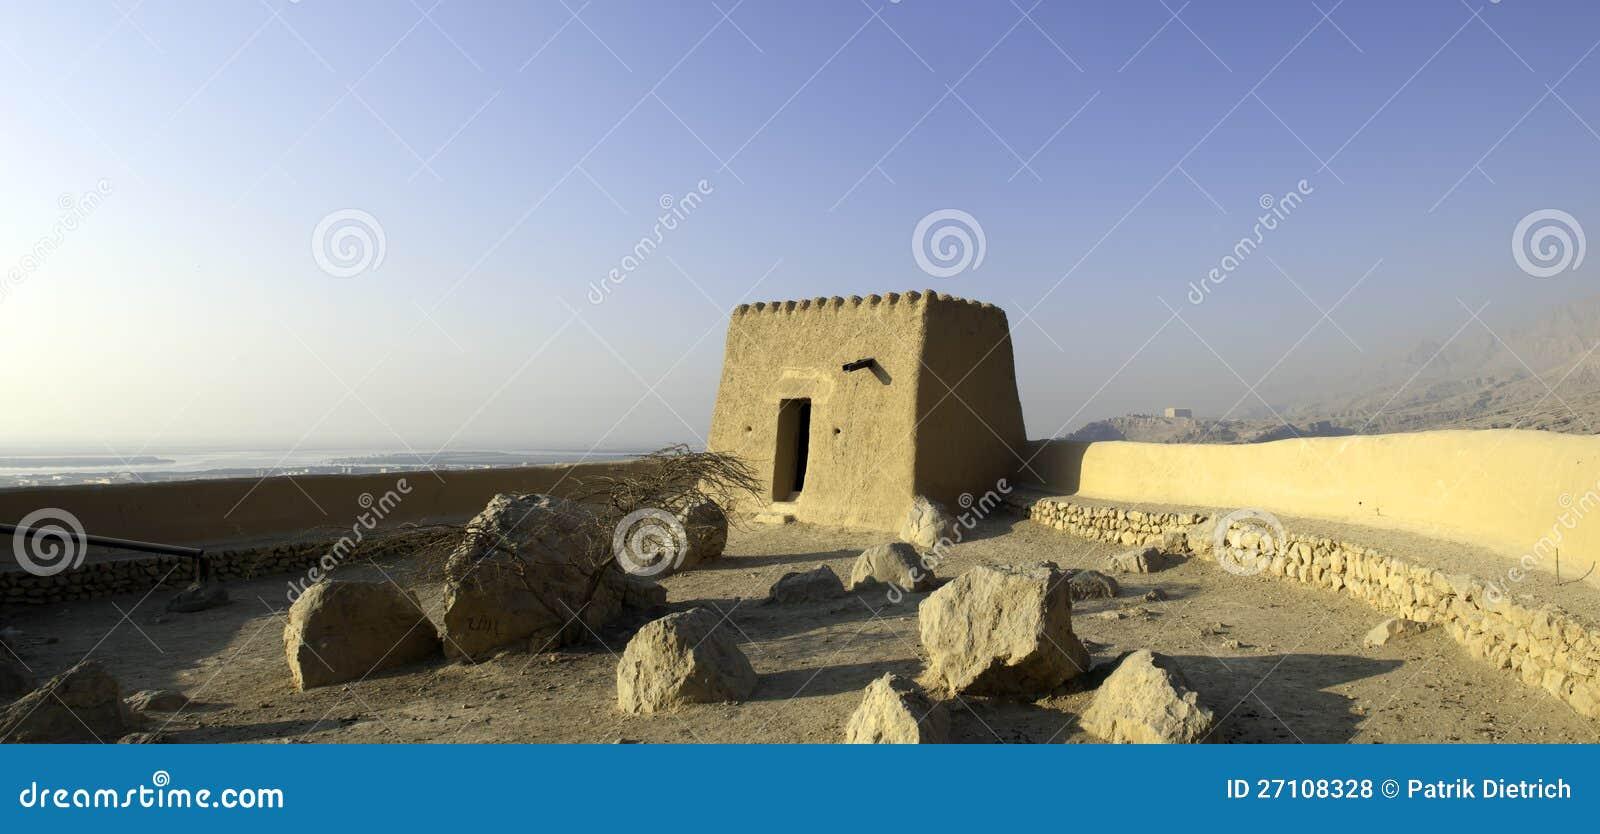 Arabisches Fort in den Khaimah-Araber-Emiräten